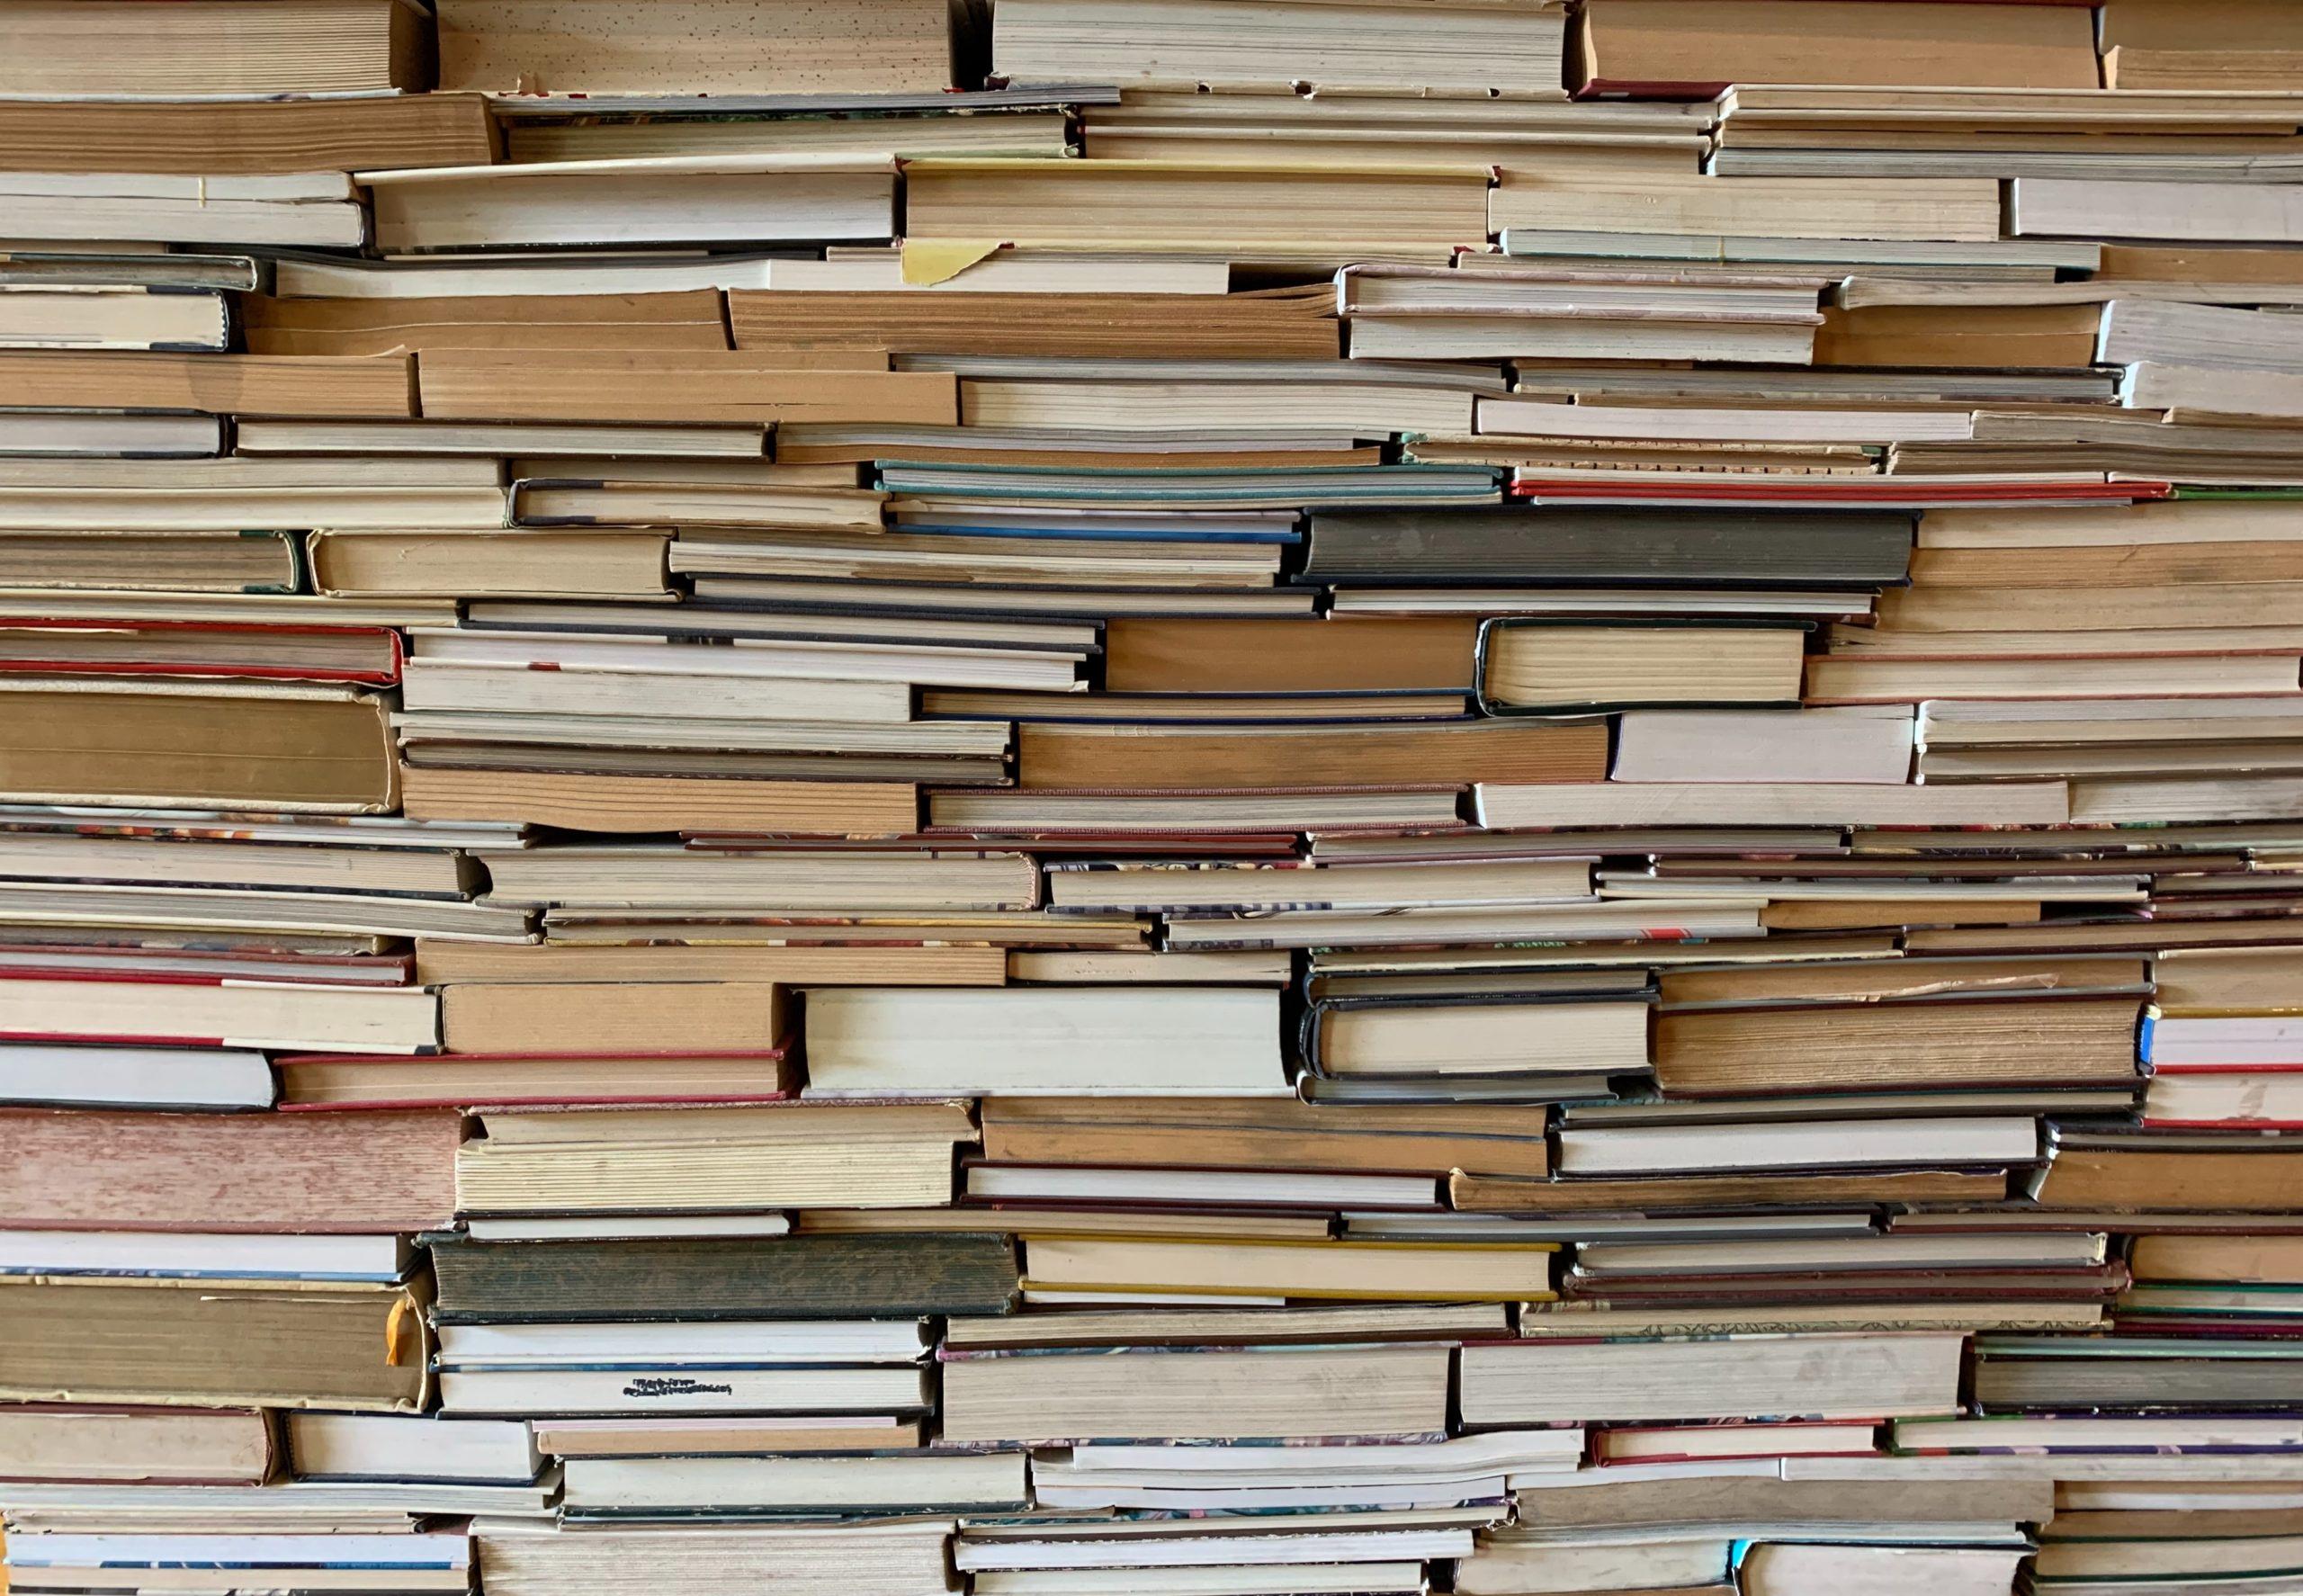 L'astuce pour ranger sa bibliothèque parfaitement